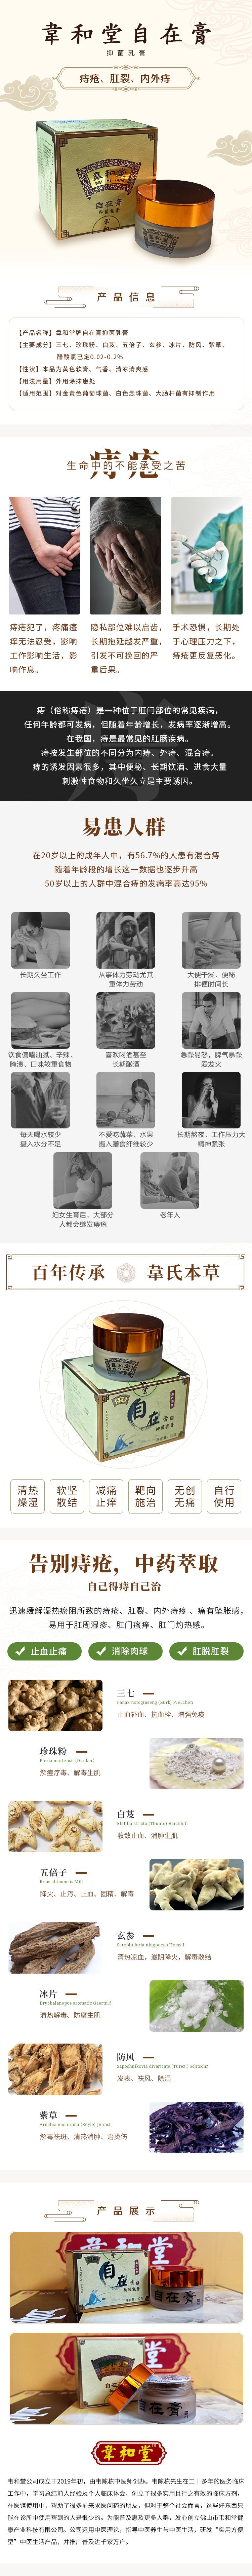 自在膏-详情图-01.jpg